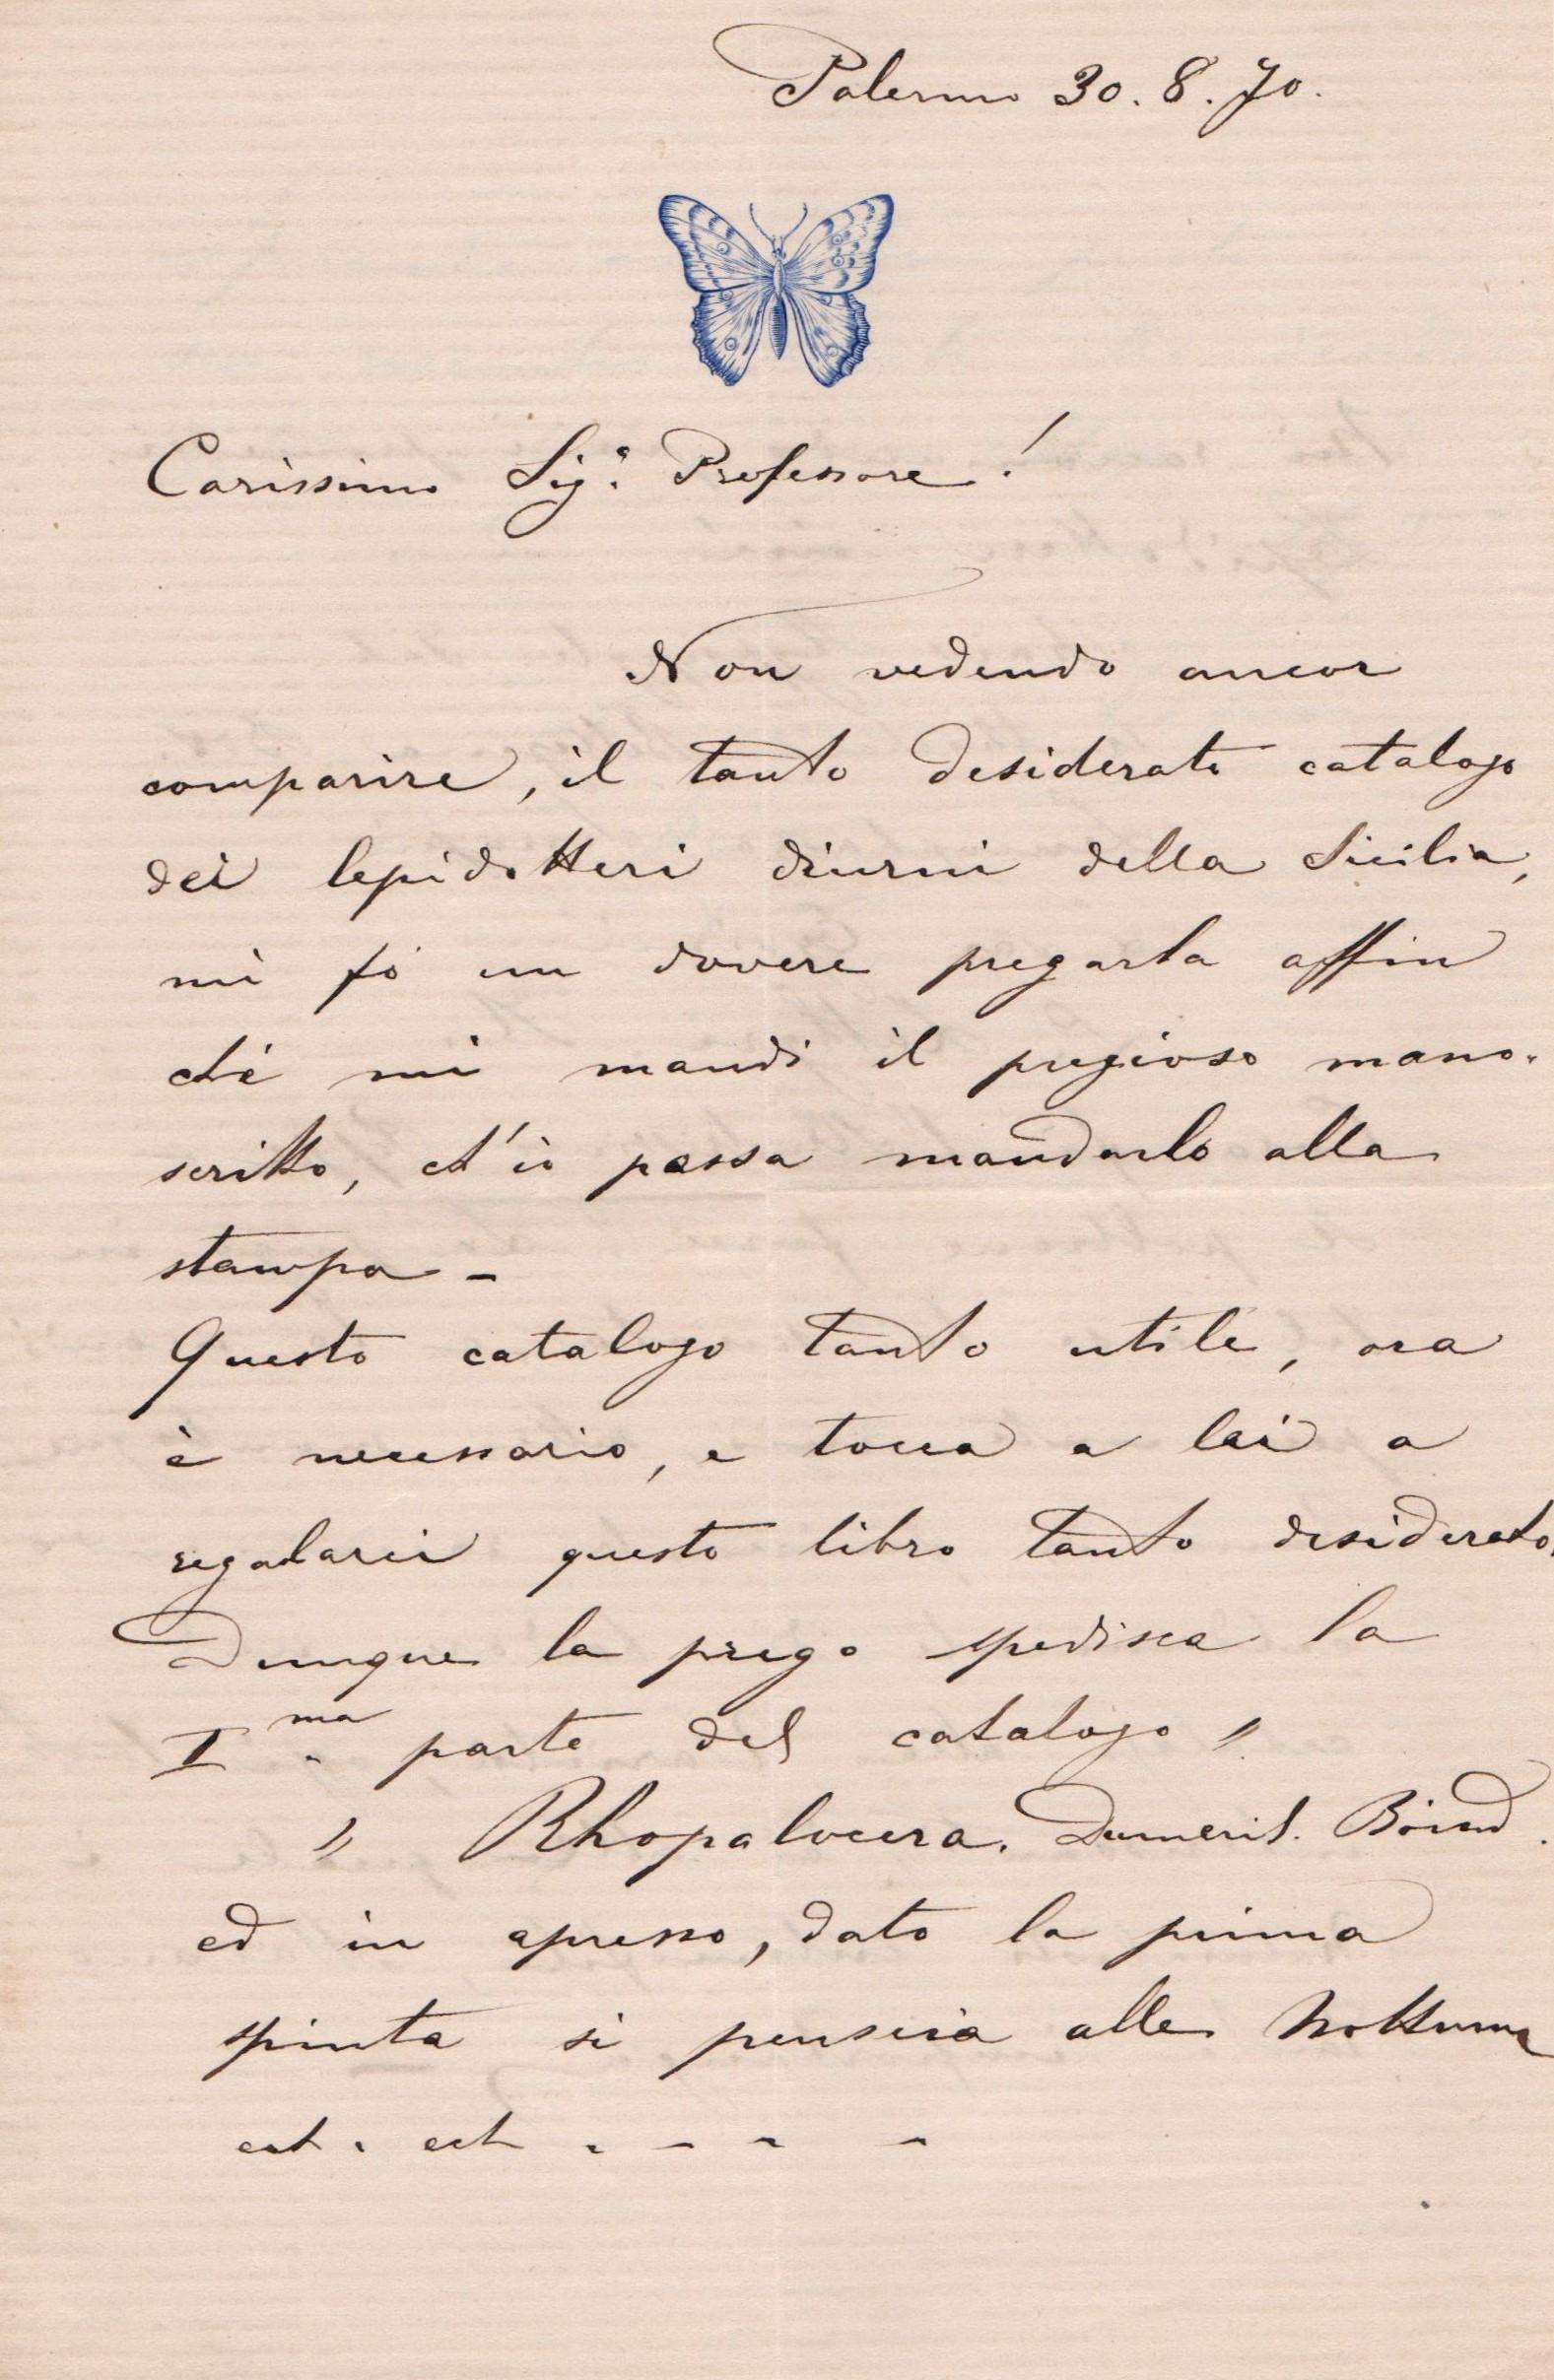 lettera di Ragusa pag 1. In cui il Ragusa chiede al Minà di inviare il manoscritto dell'utilissimo catalogo sui Lepidotteri diurni di Sicilia per la stampa.